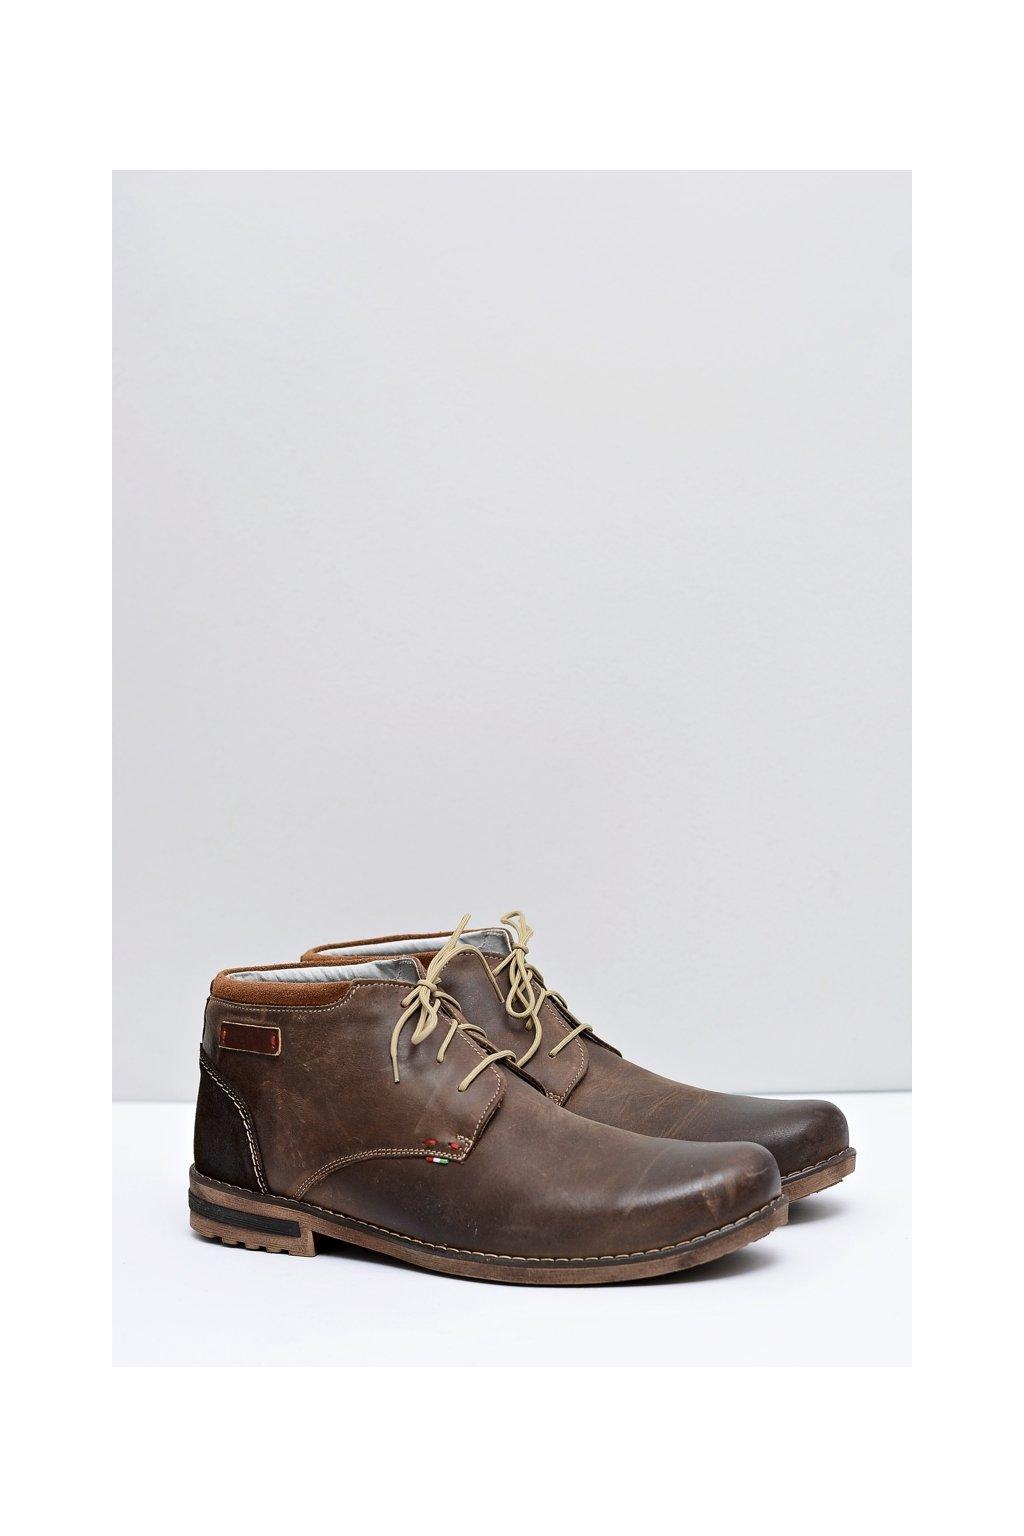 Hnedé pánske kožené topánky s kožušinou Ludokris